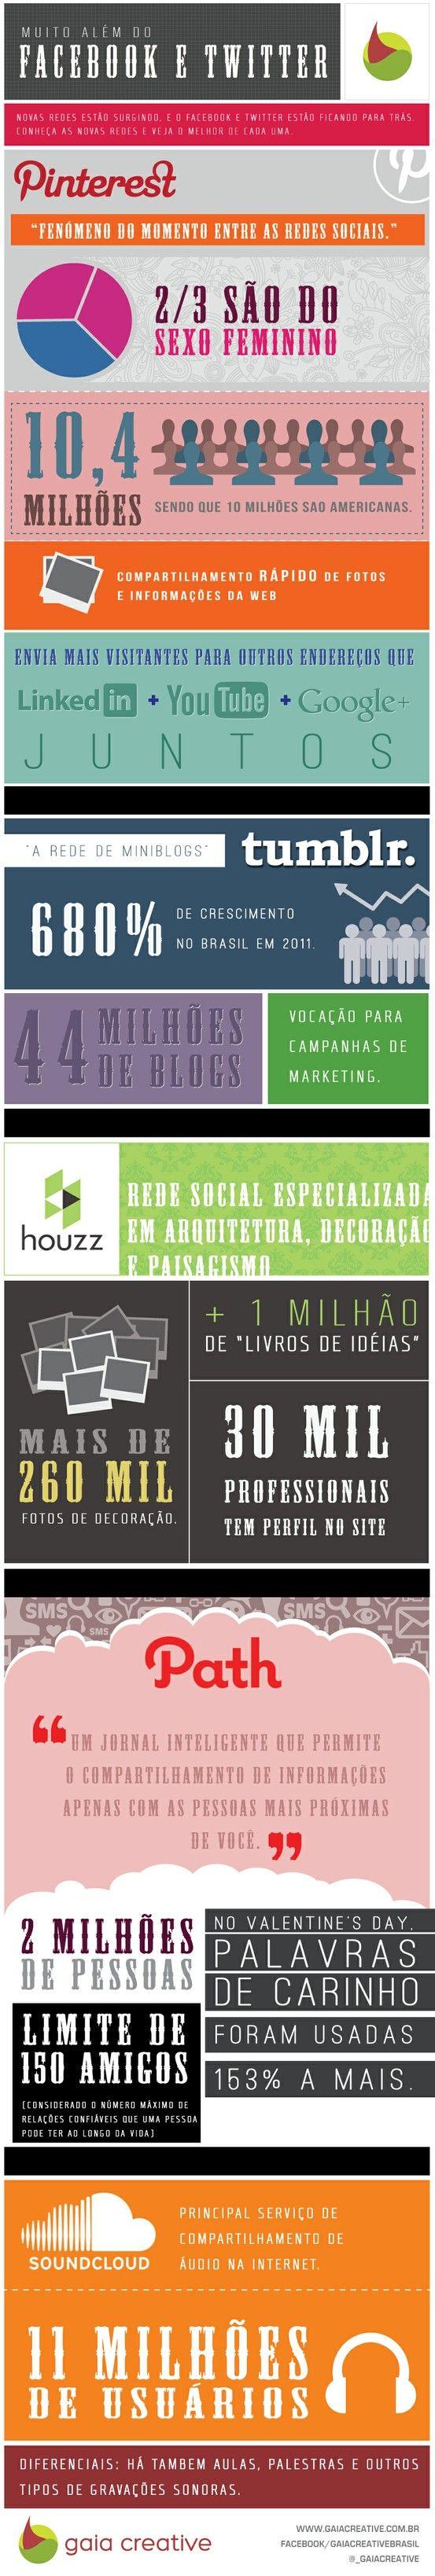 Redes Sociais - além do Facebook e Twitter [infográfico]